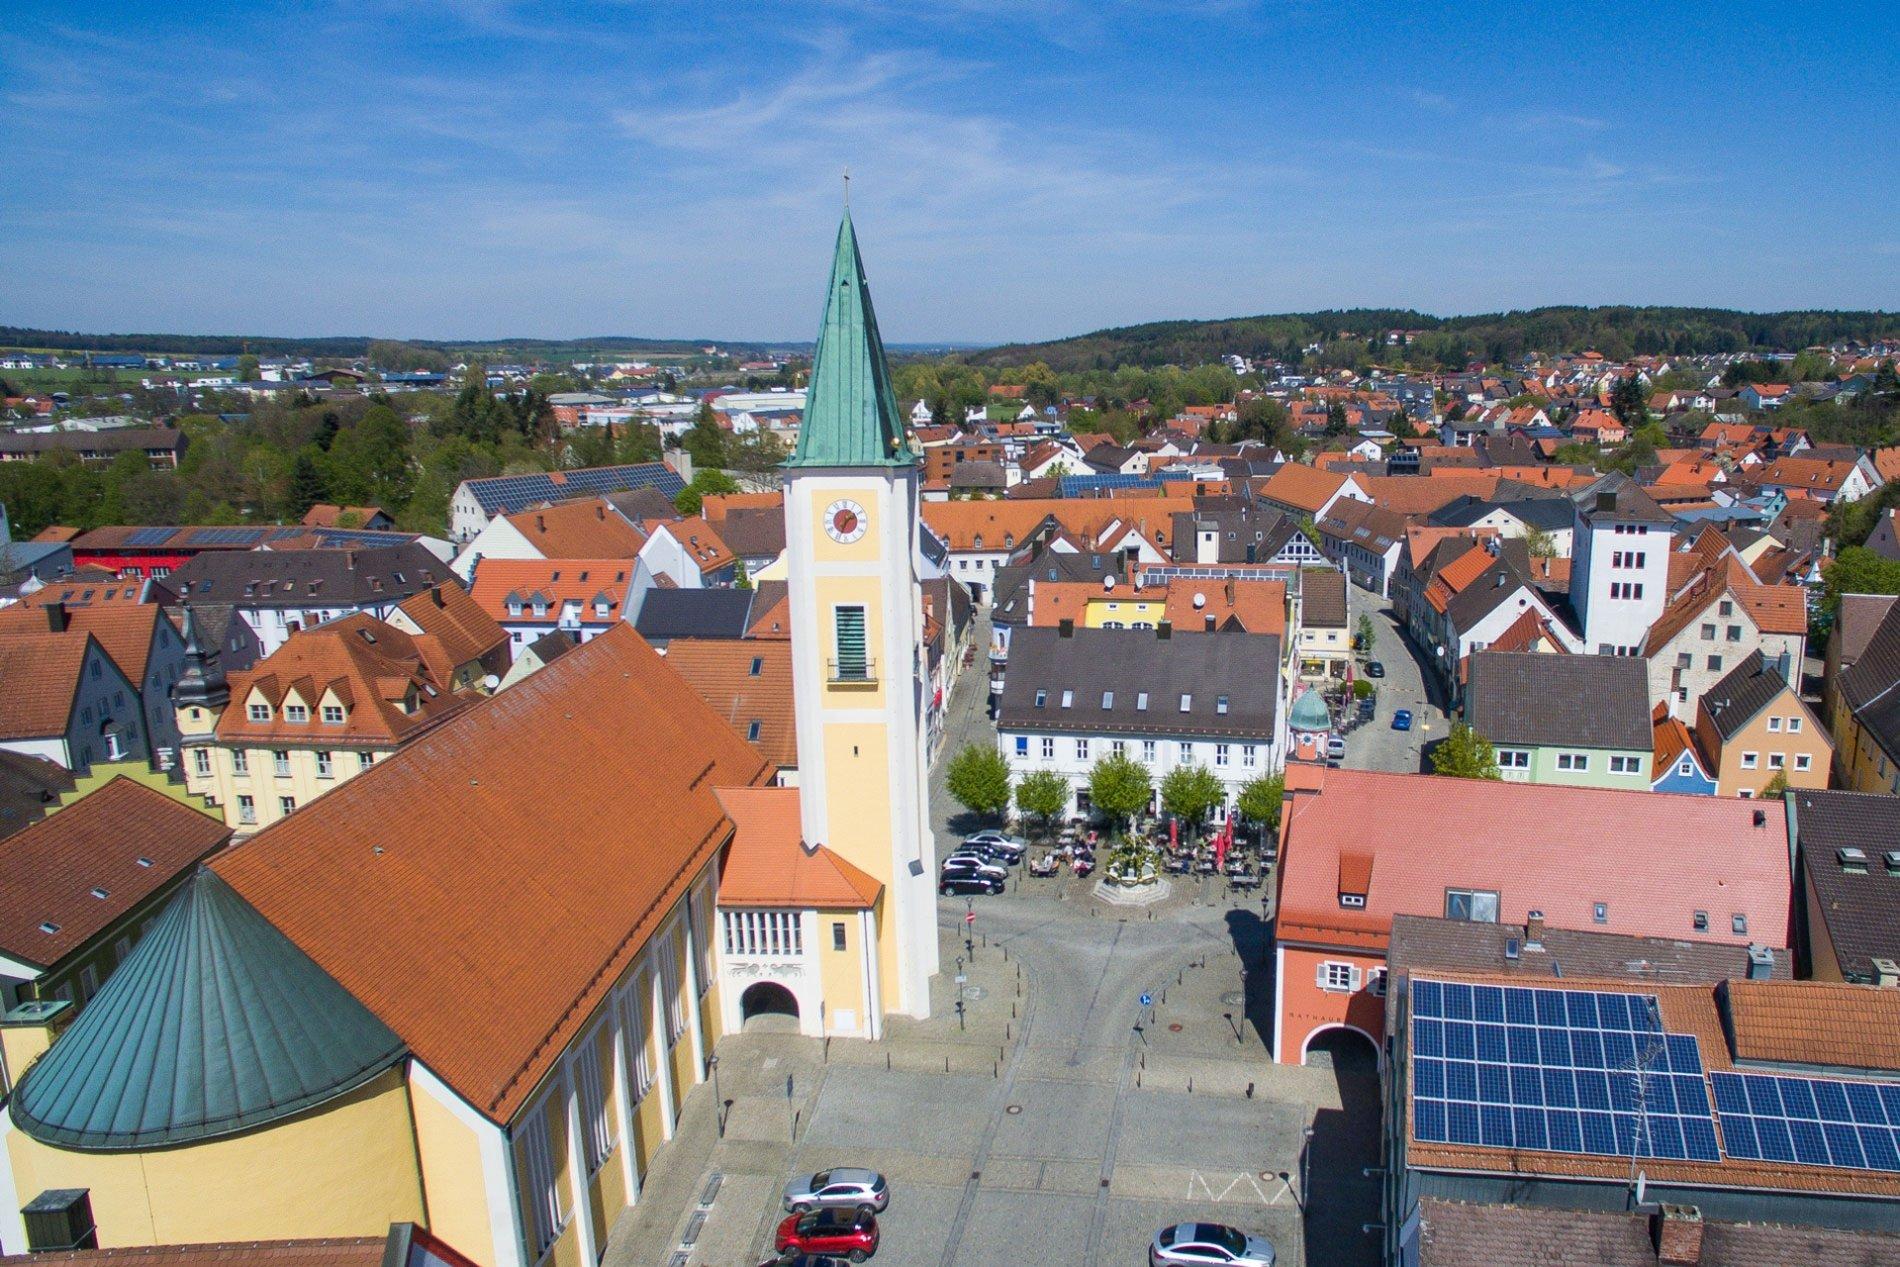 Marktplatz von Mainburg